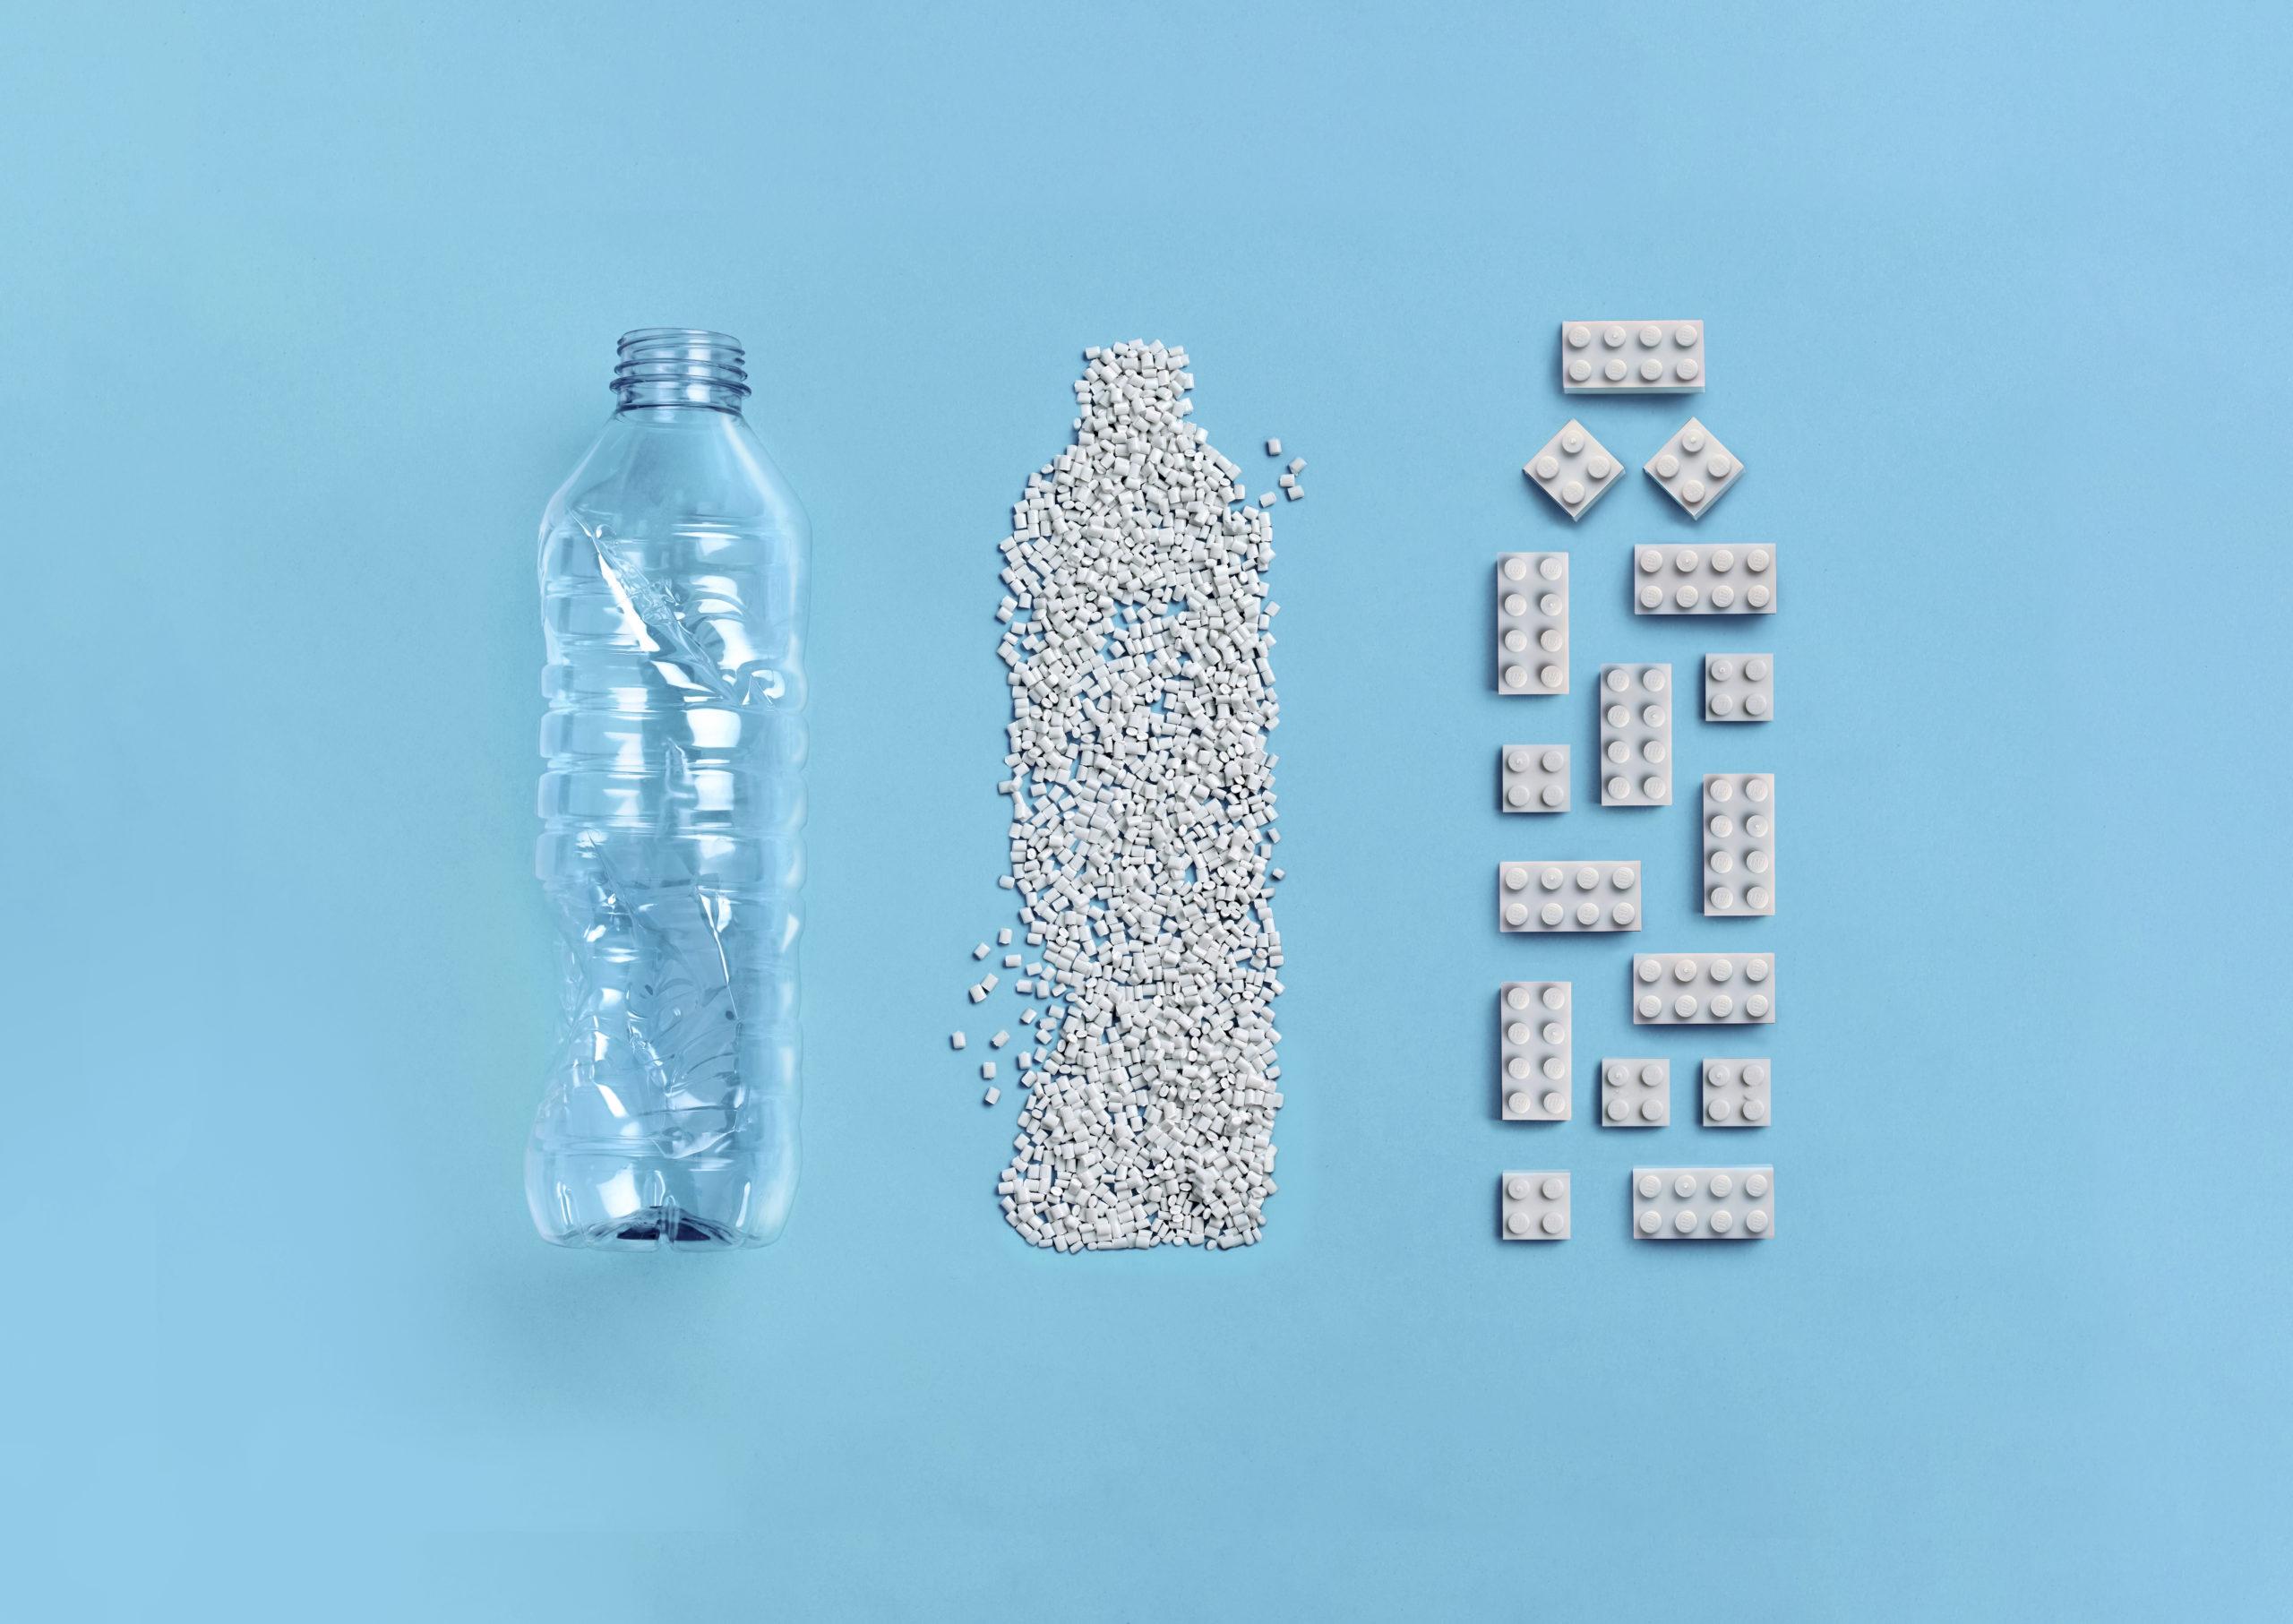 Los Lego del futuro podrían ser de plástico reciclado